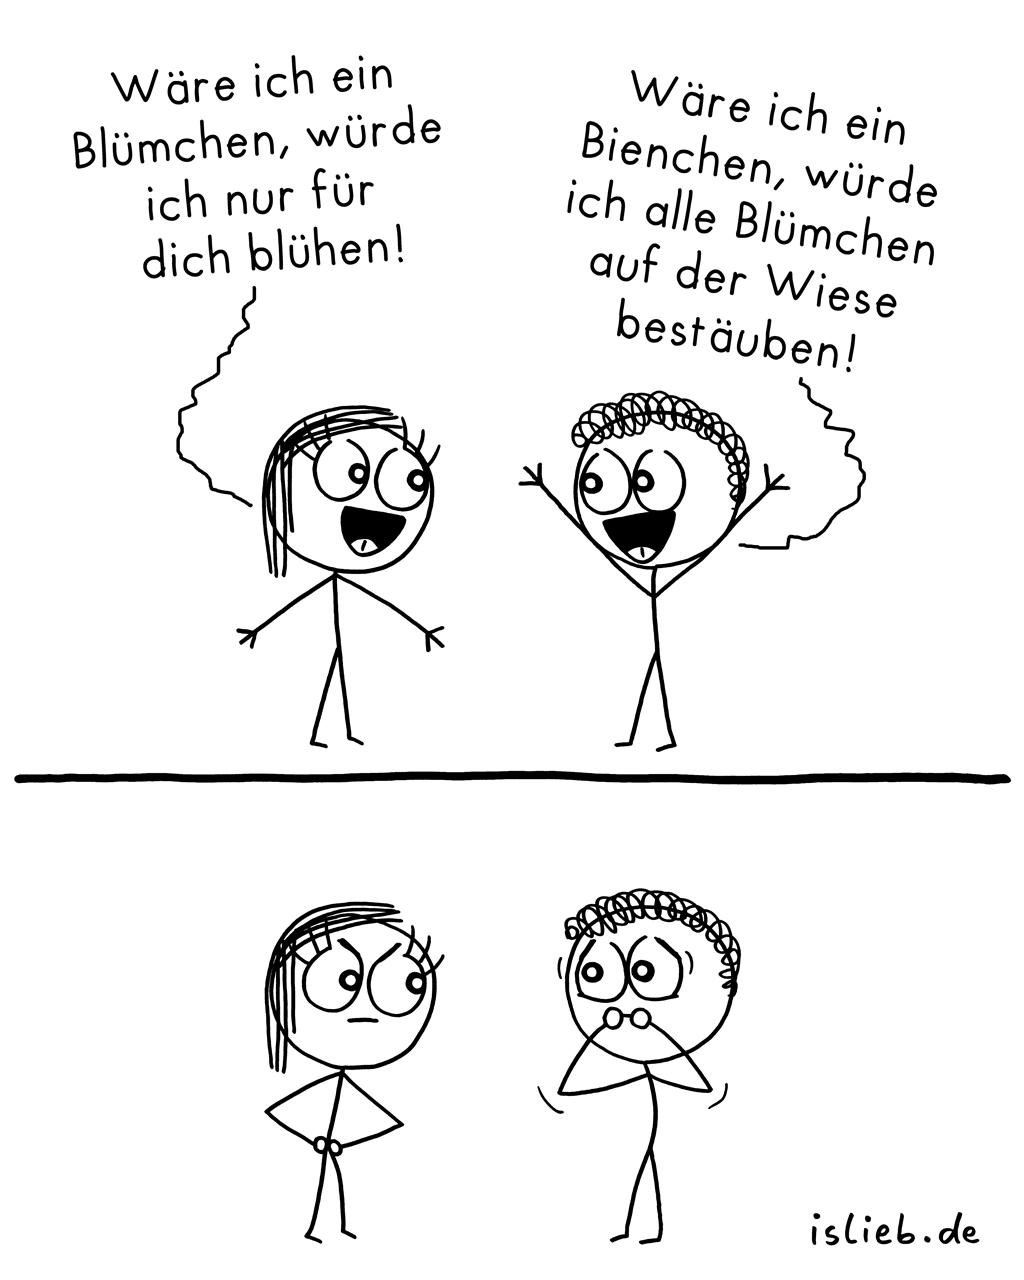 Blümchen / Bienchen | Strichmännchen-Comic | is lieb?